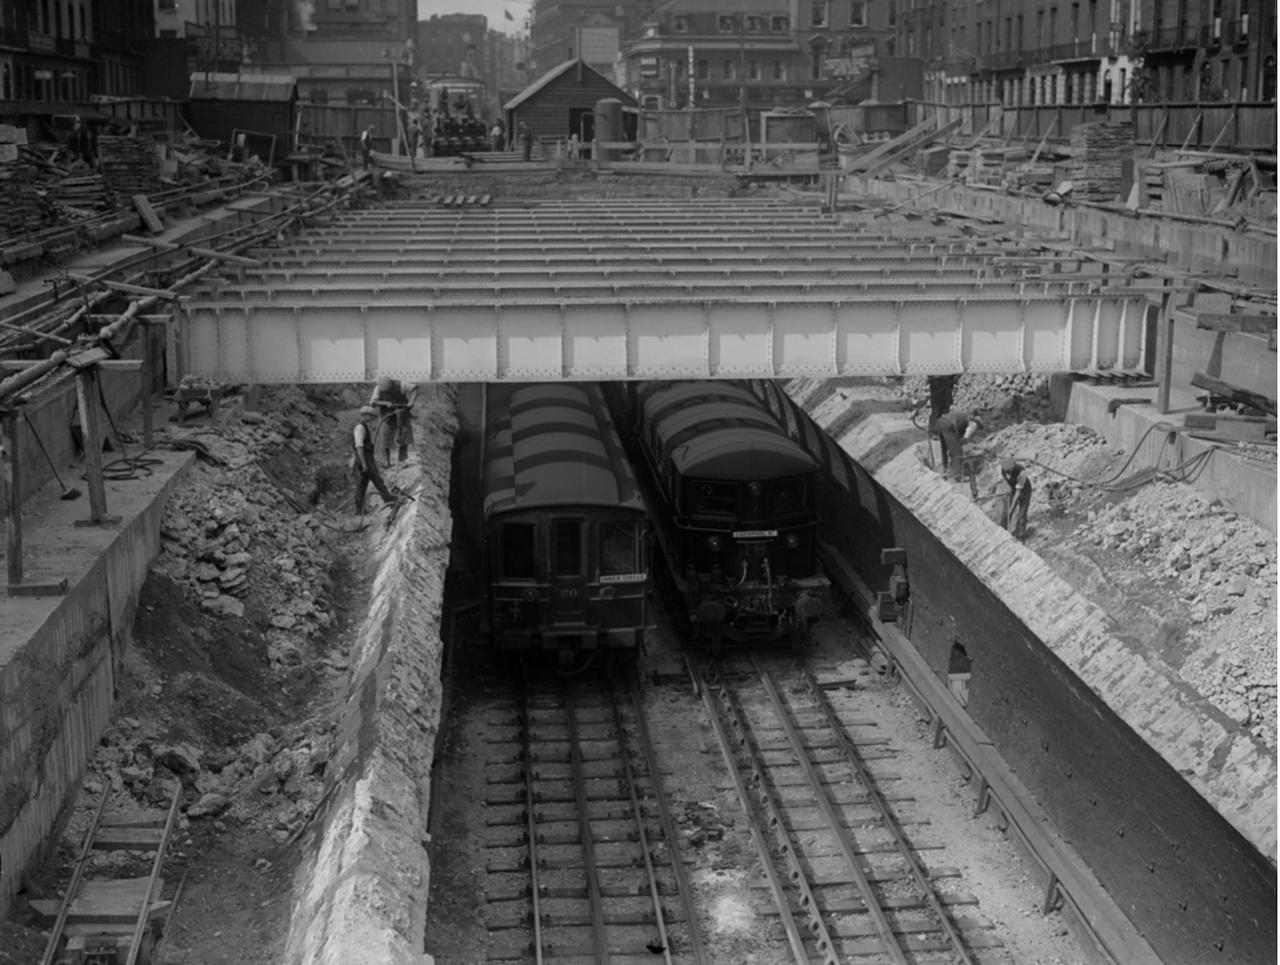 1930. Удлинение платформ на станции метро «Юстон-сквер»